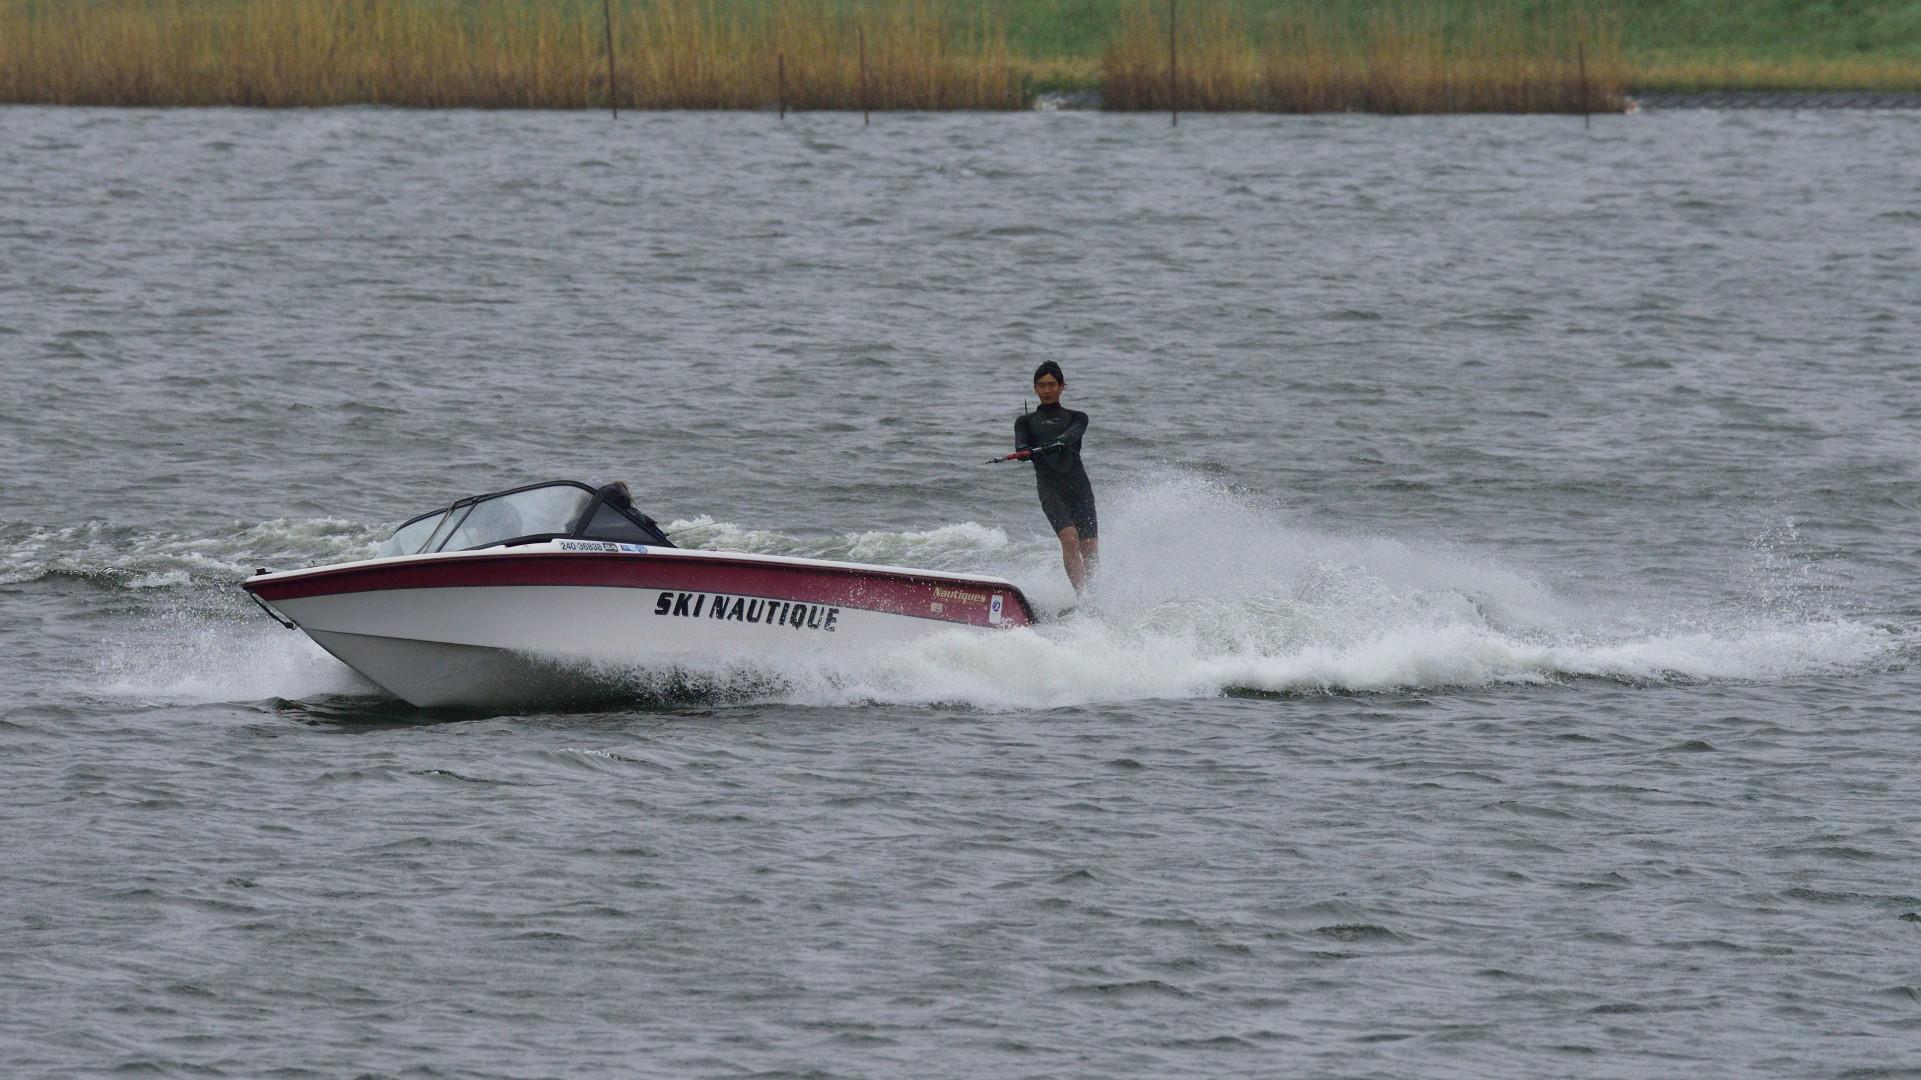 水上スキー快調!だが雨が・・・